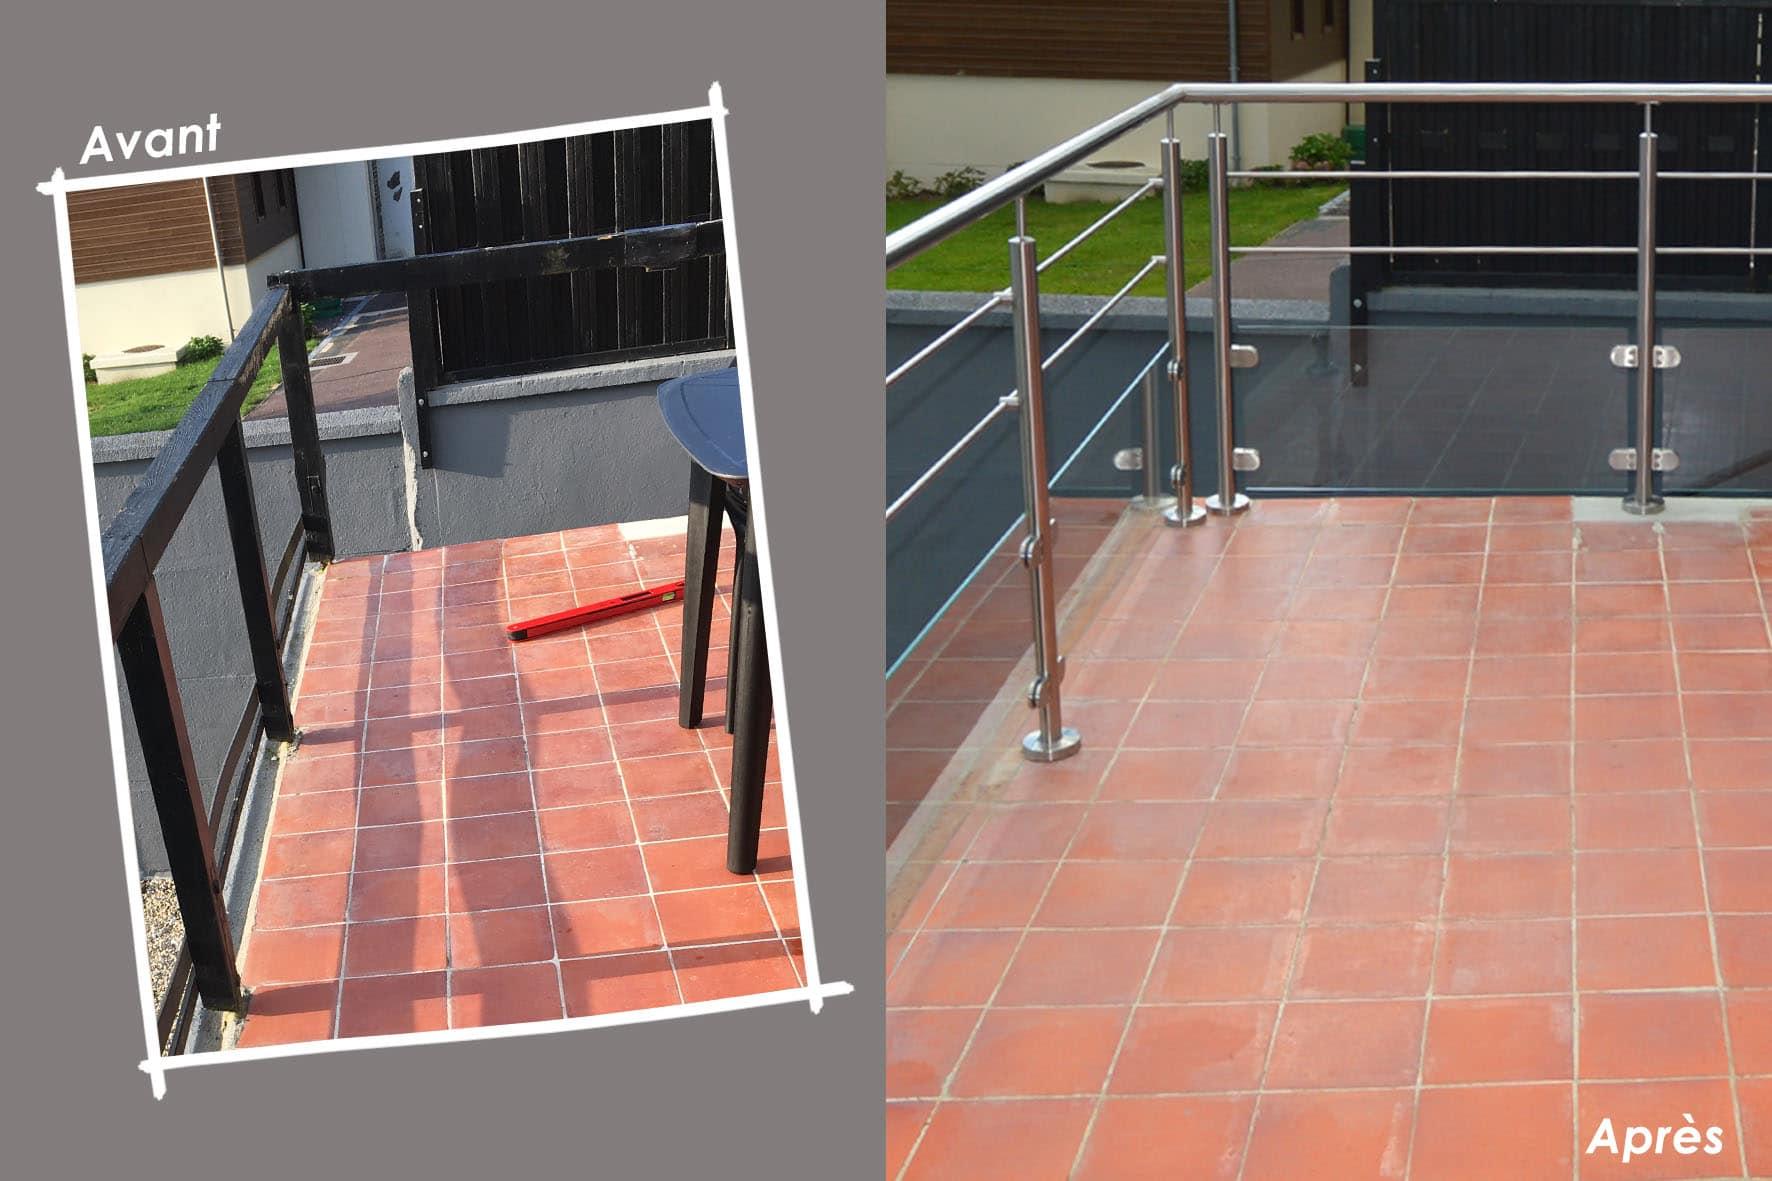 Rénovation escalier béton et garde-corps bois